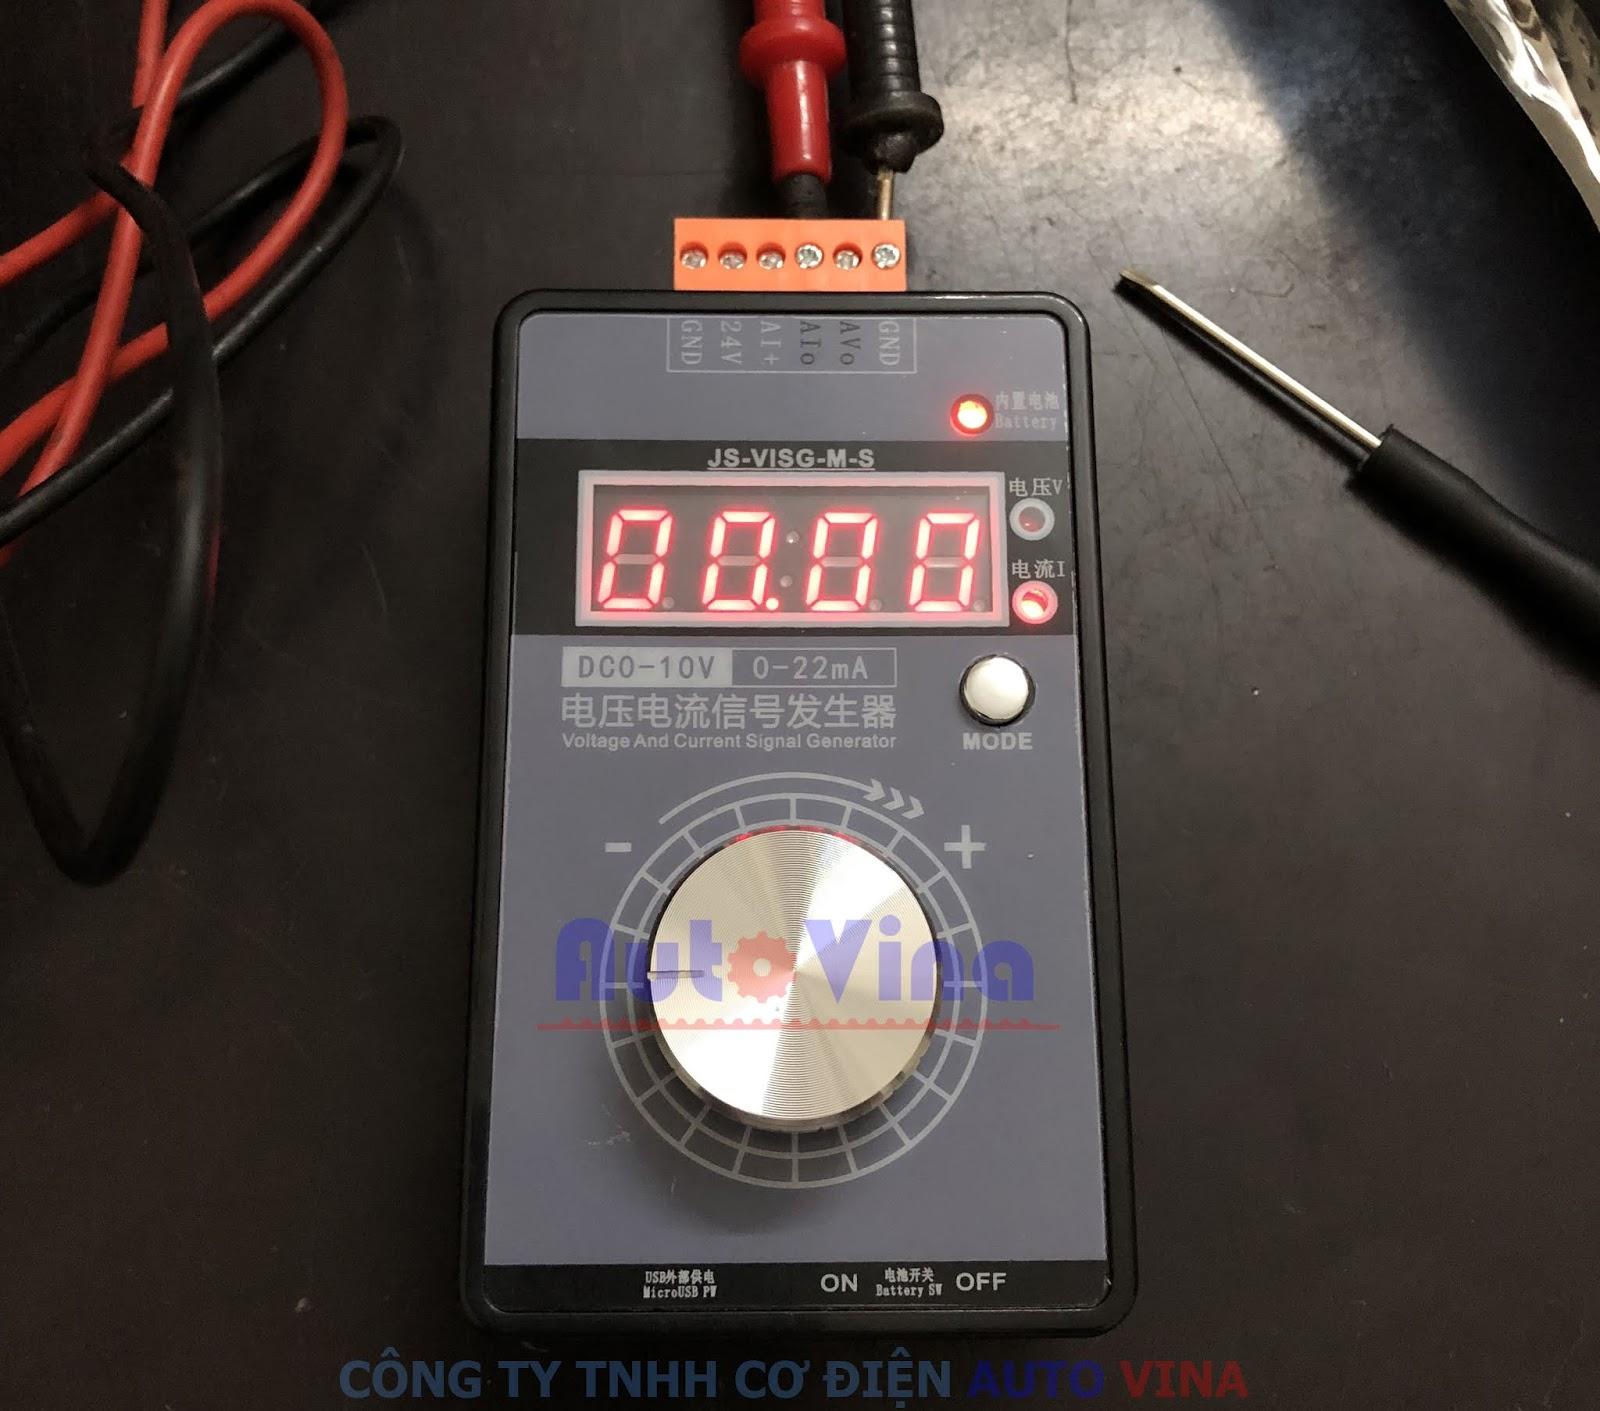 Bộ phát tín hiệu analog JS-VISG-M-S có pin sạc, không cần cấp nguồn